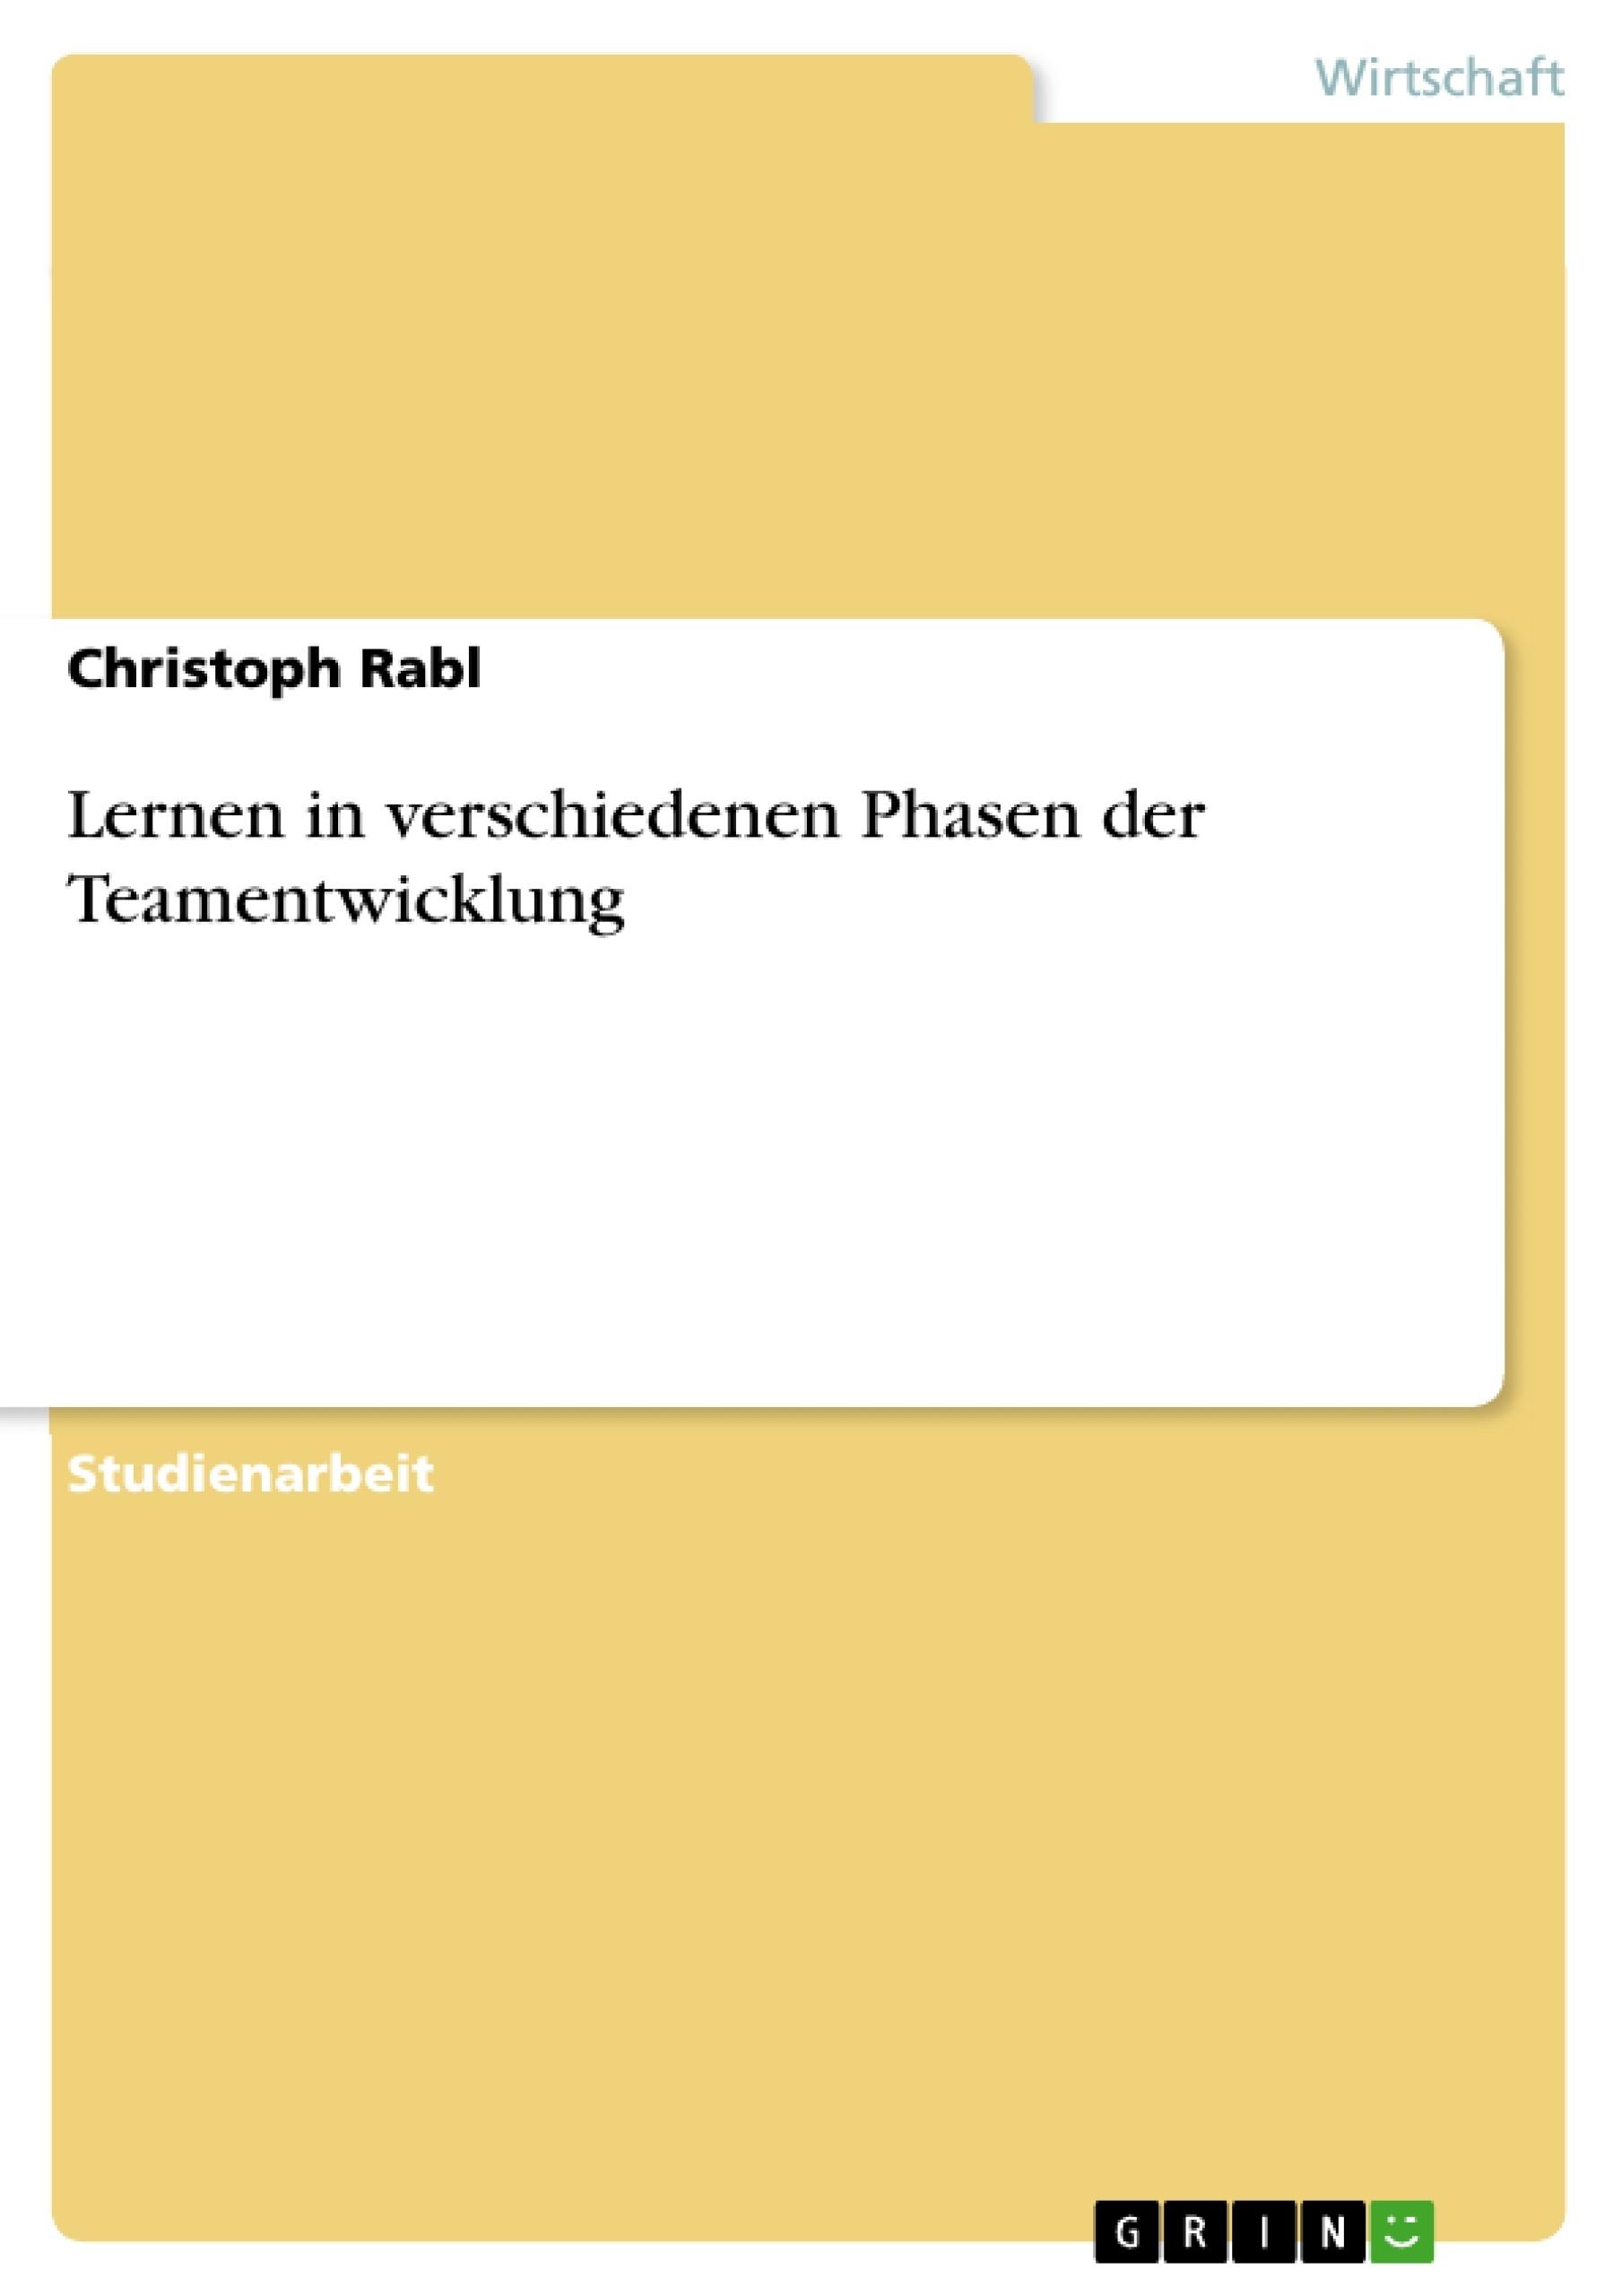 Titel: Lernen in verschiedenen Phasen der Teamentwicklung